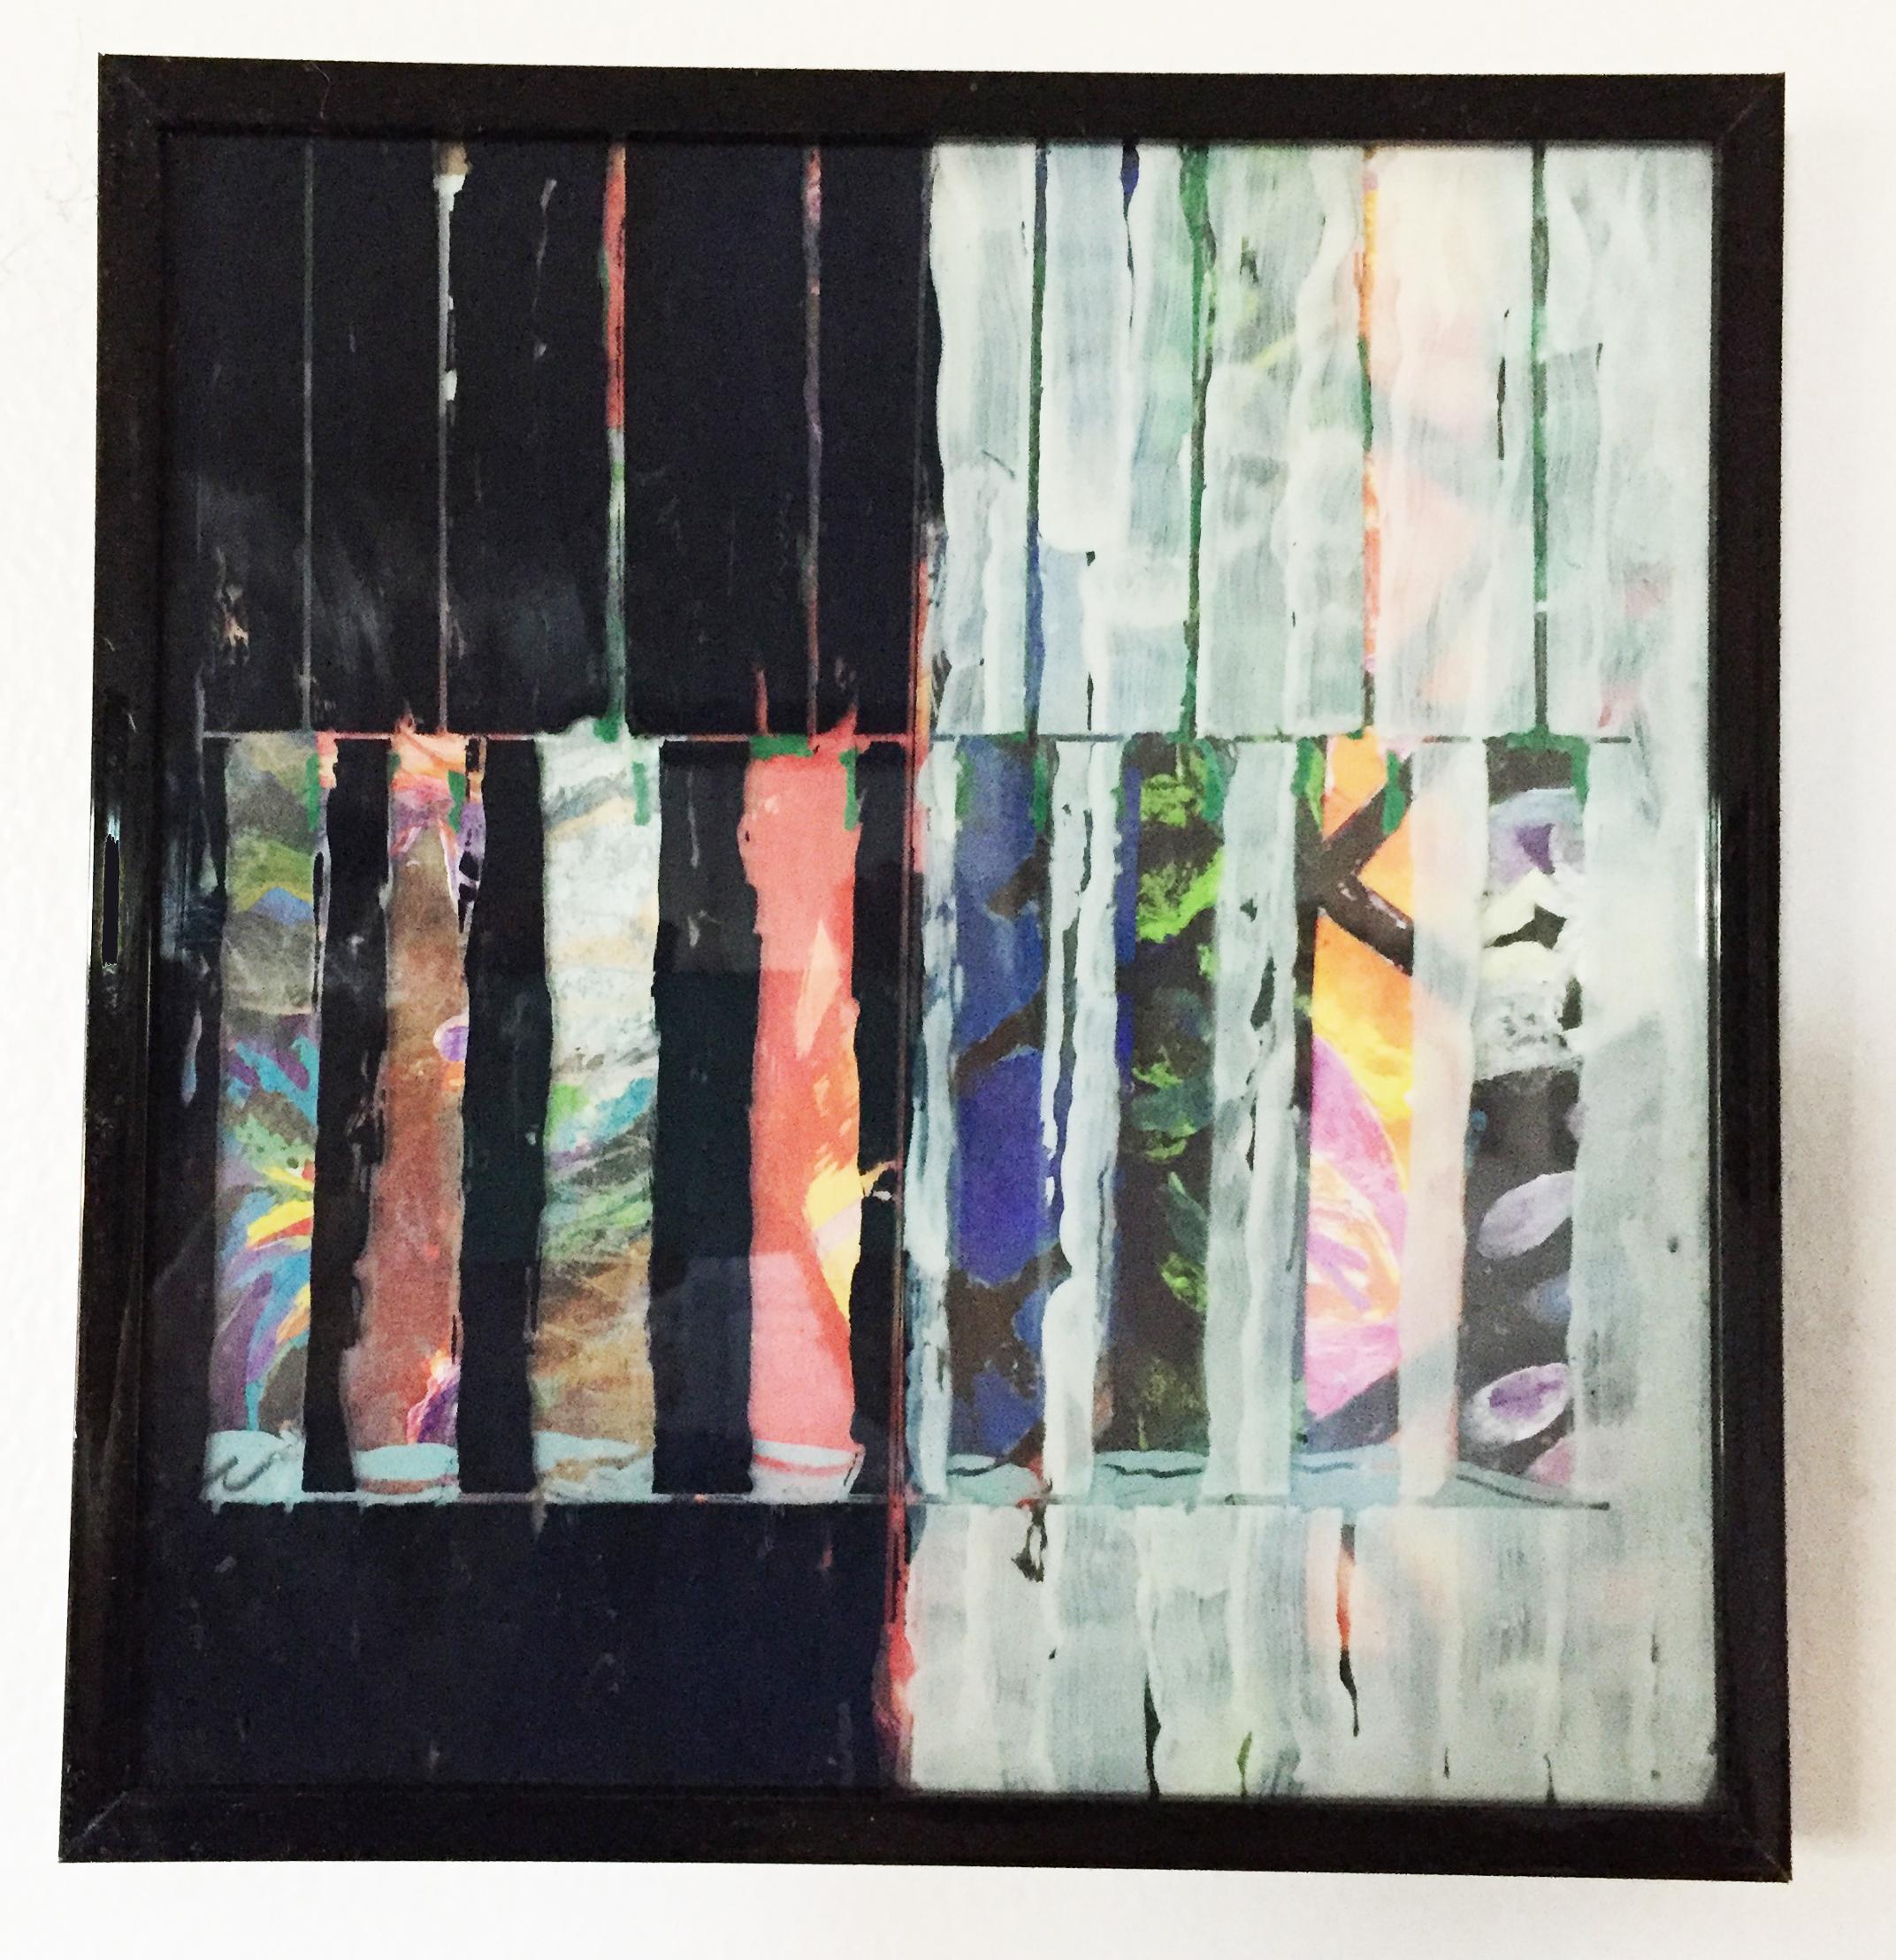 Memory, Janet Adams